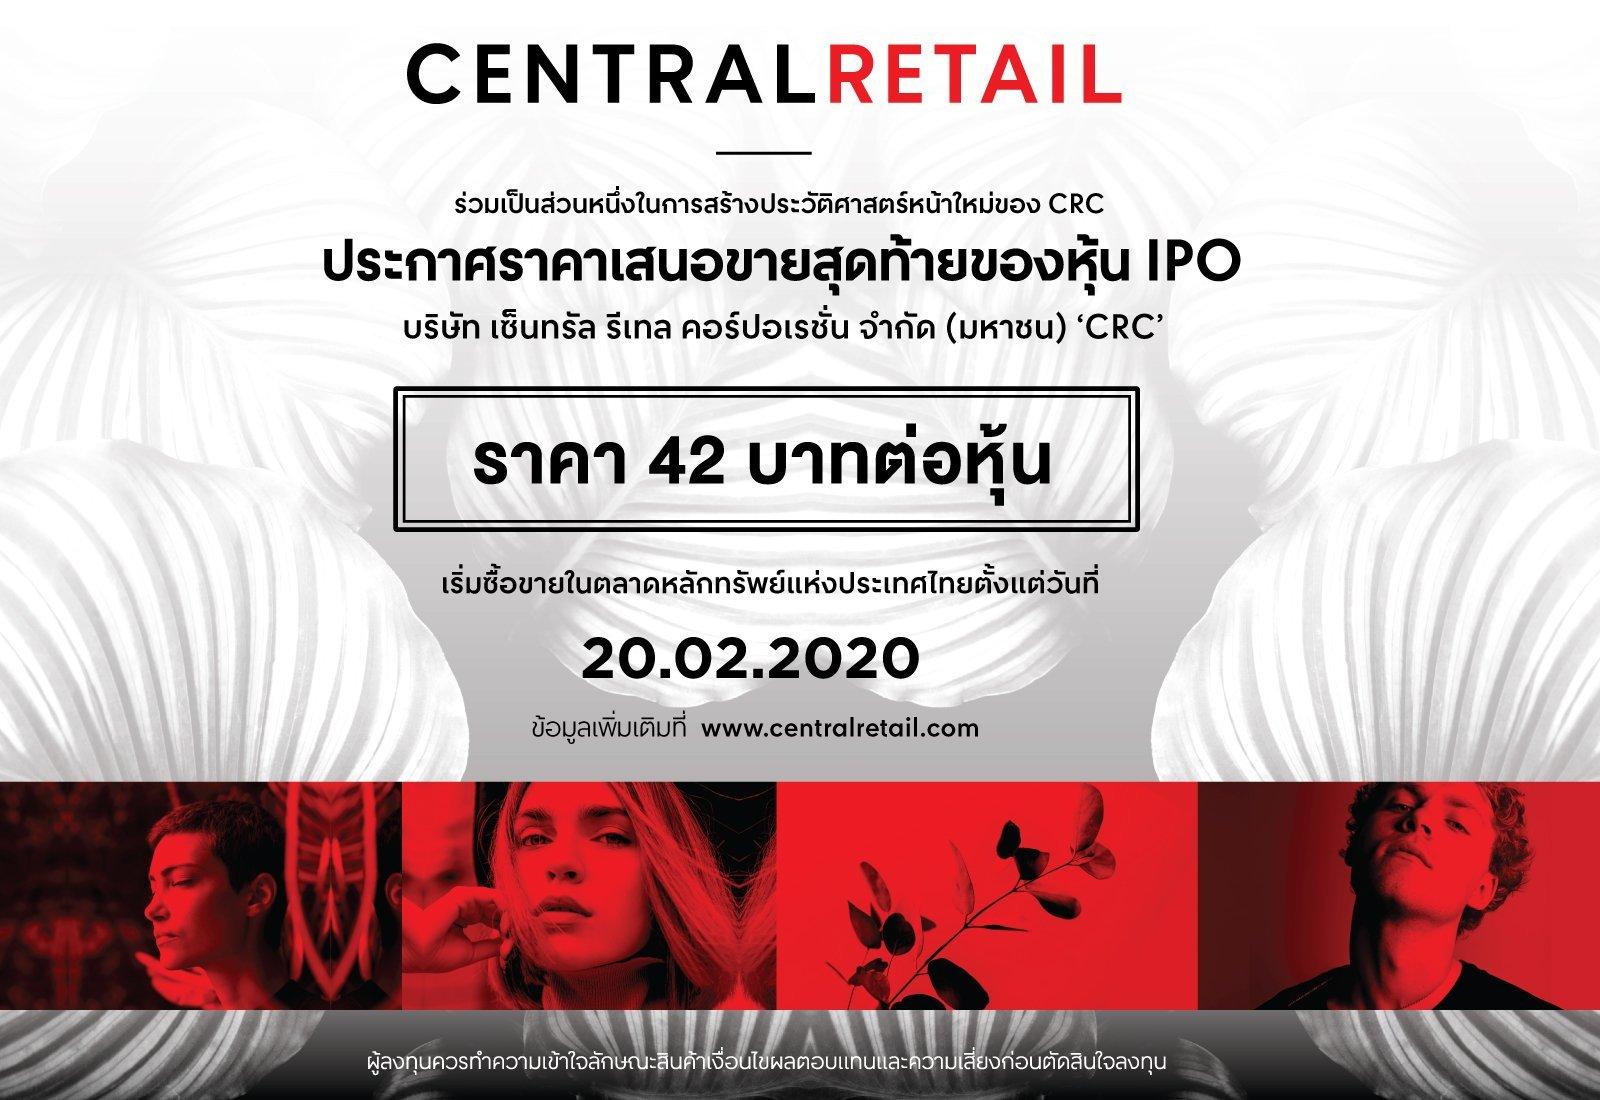 """""""เซ็นทรัล รีเทล"""" เชื่อมั่นผลตอบรับจากนักลงทุนสถาบันทั่วโลก เคาะราคา IPO ประวัติศาสตร์ ที่ 42.0 บาทต่อหุ้น เตรียมซื้อขายวันแรก 20 กุมภาพันธ์ 2563"""